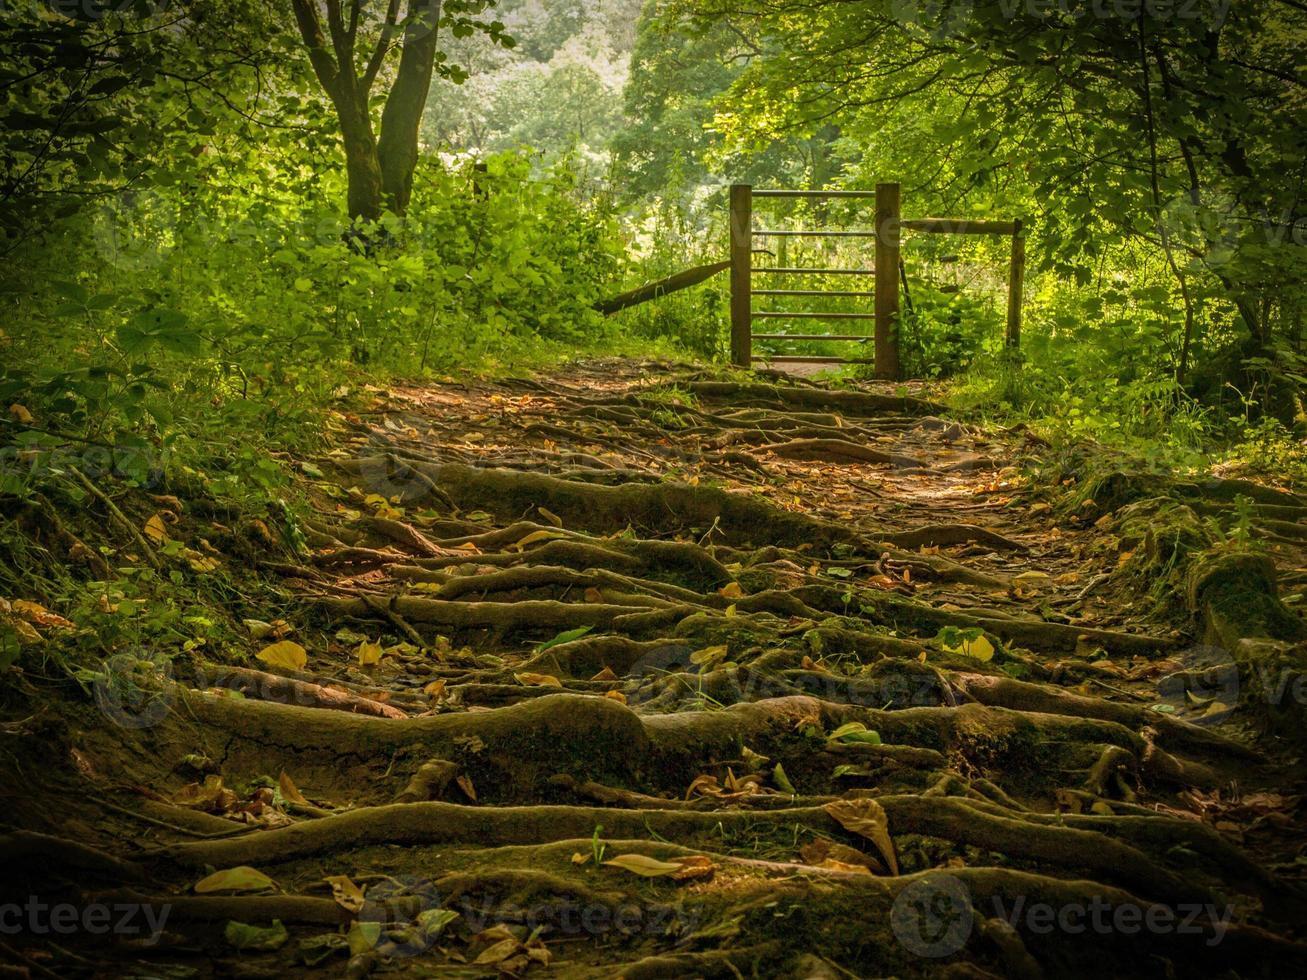 passeggiata nel bosco foto